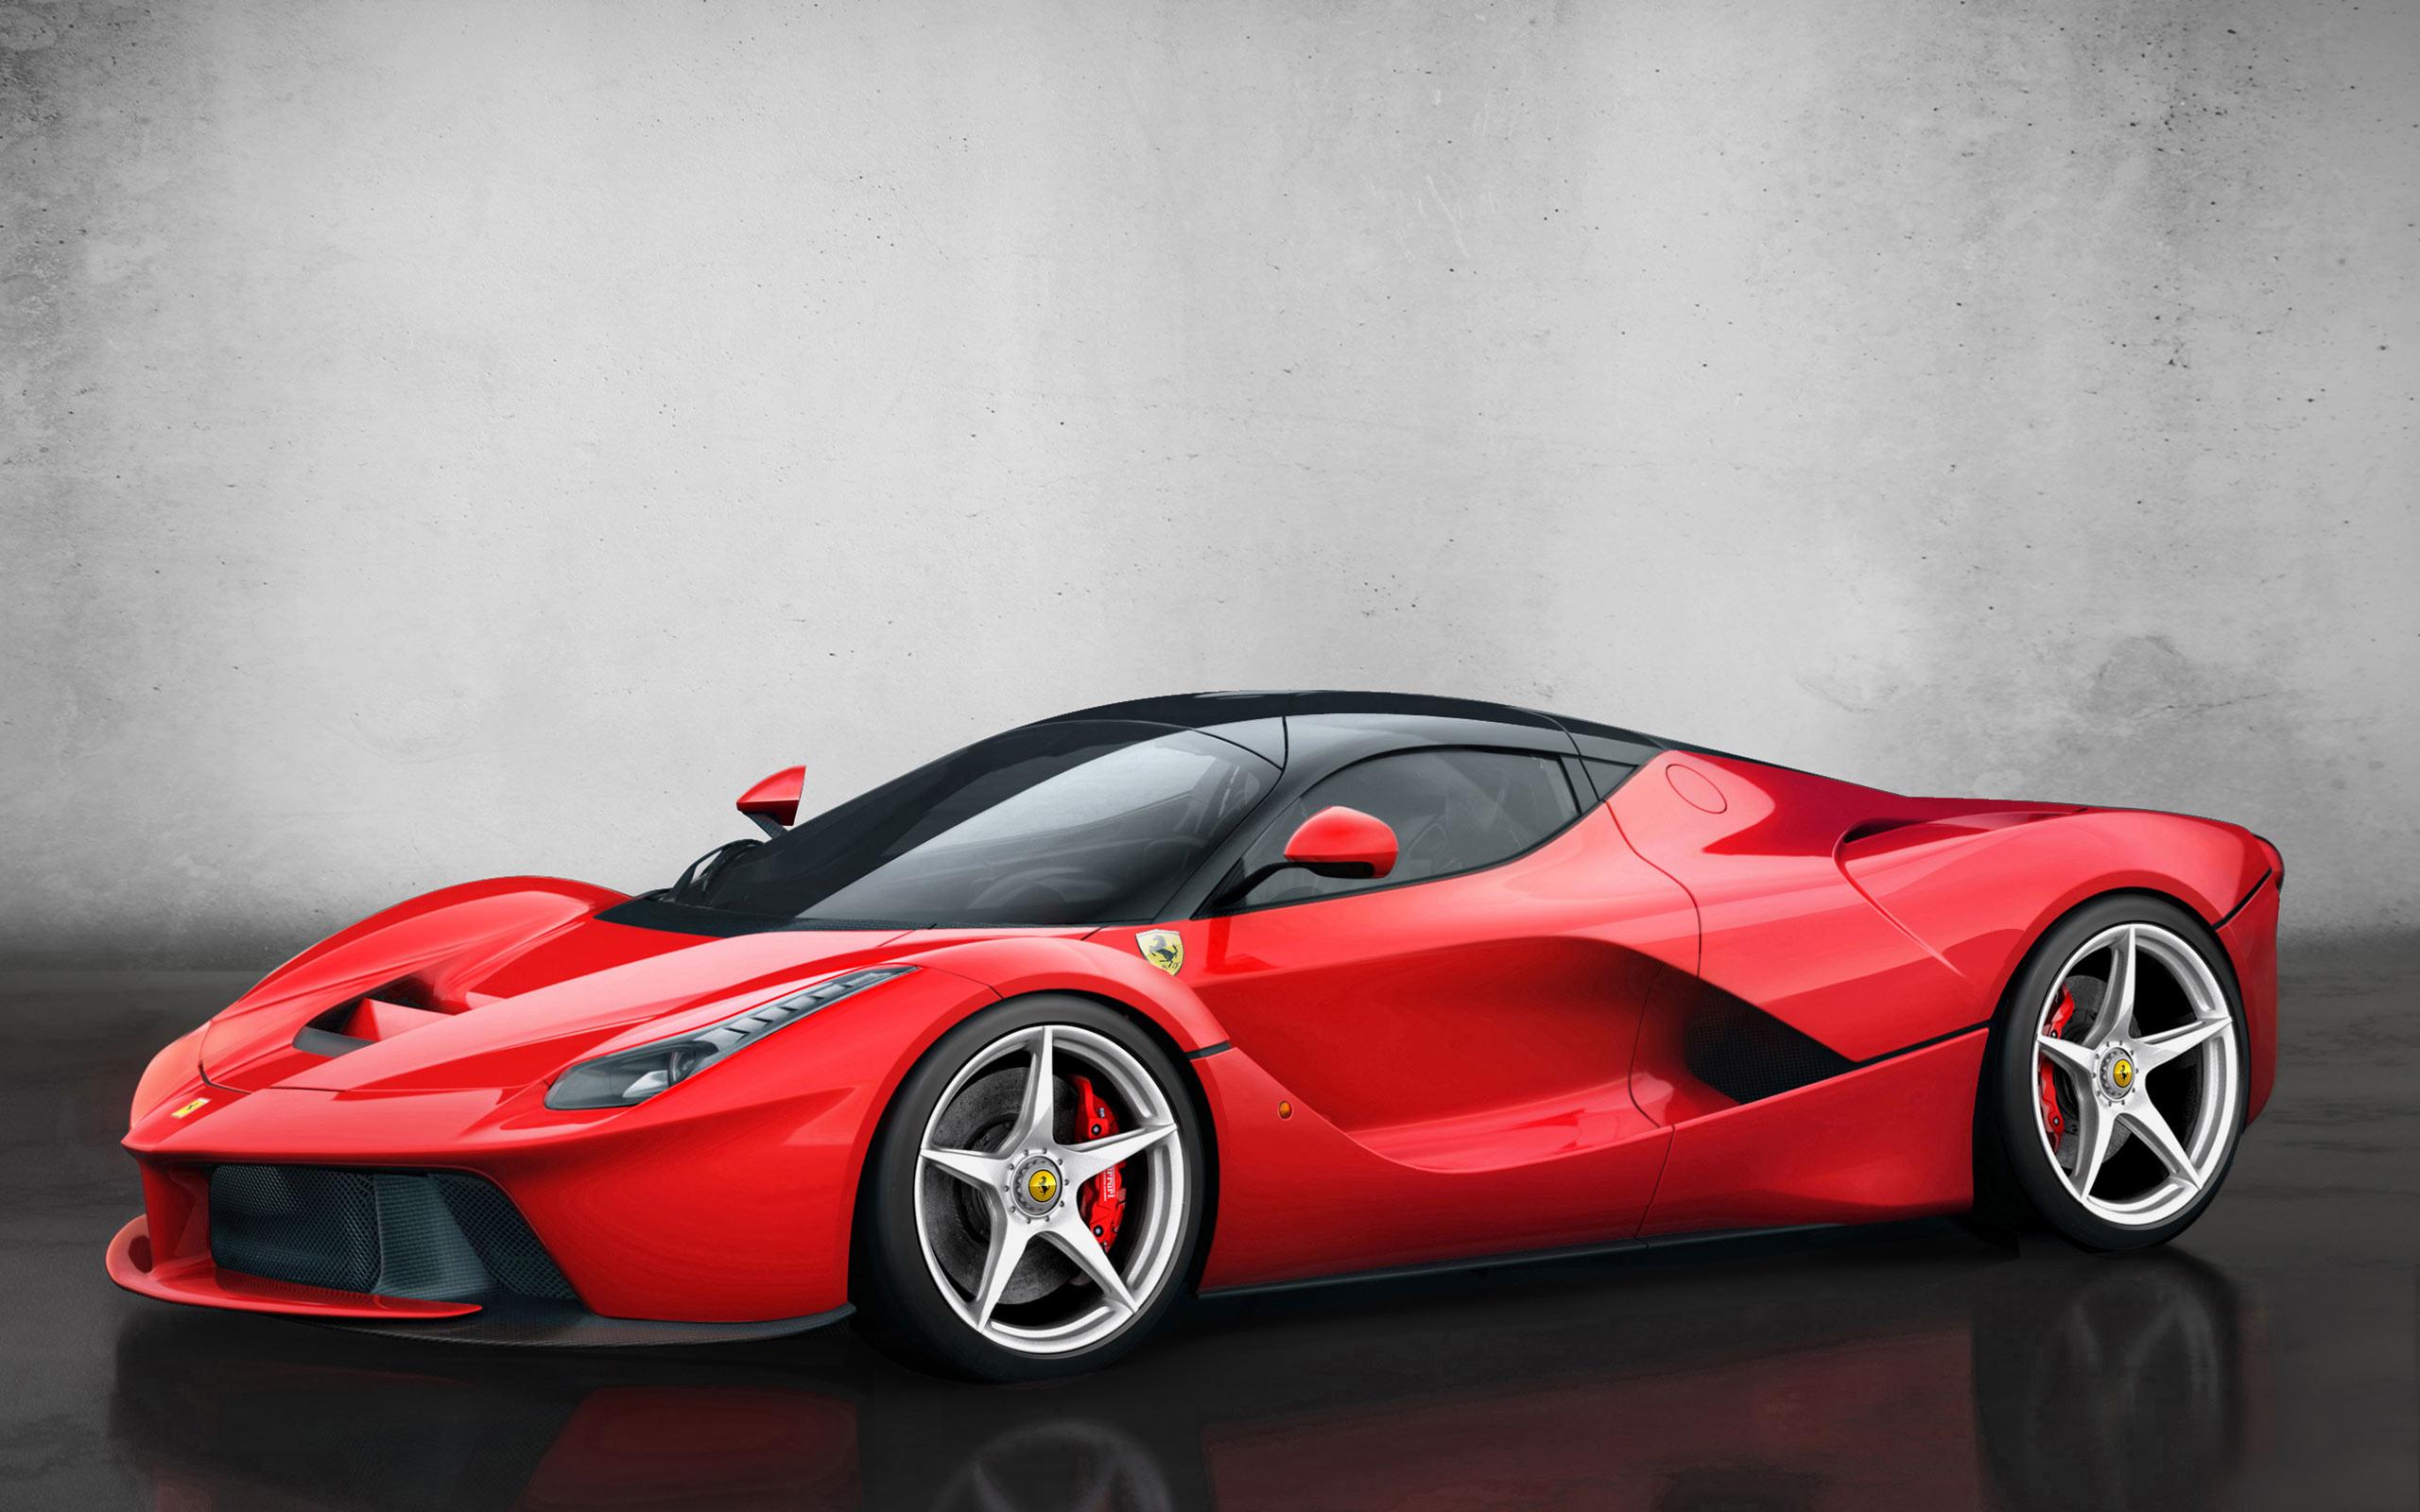 Автомобиль LaFerrari стал самой дорогой машиной 21 века